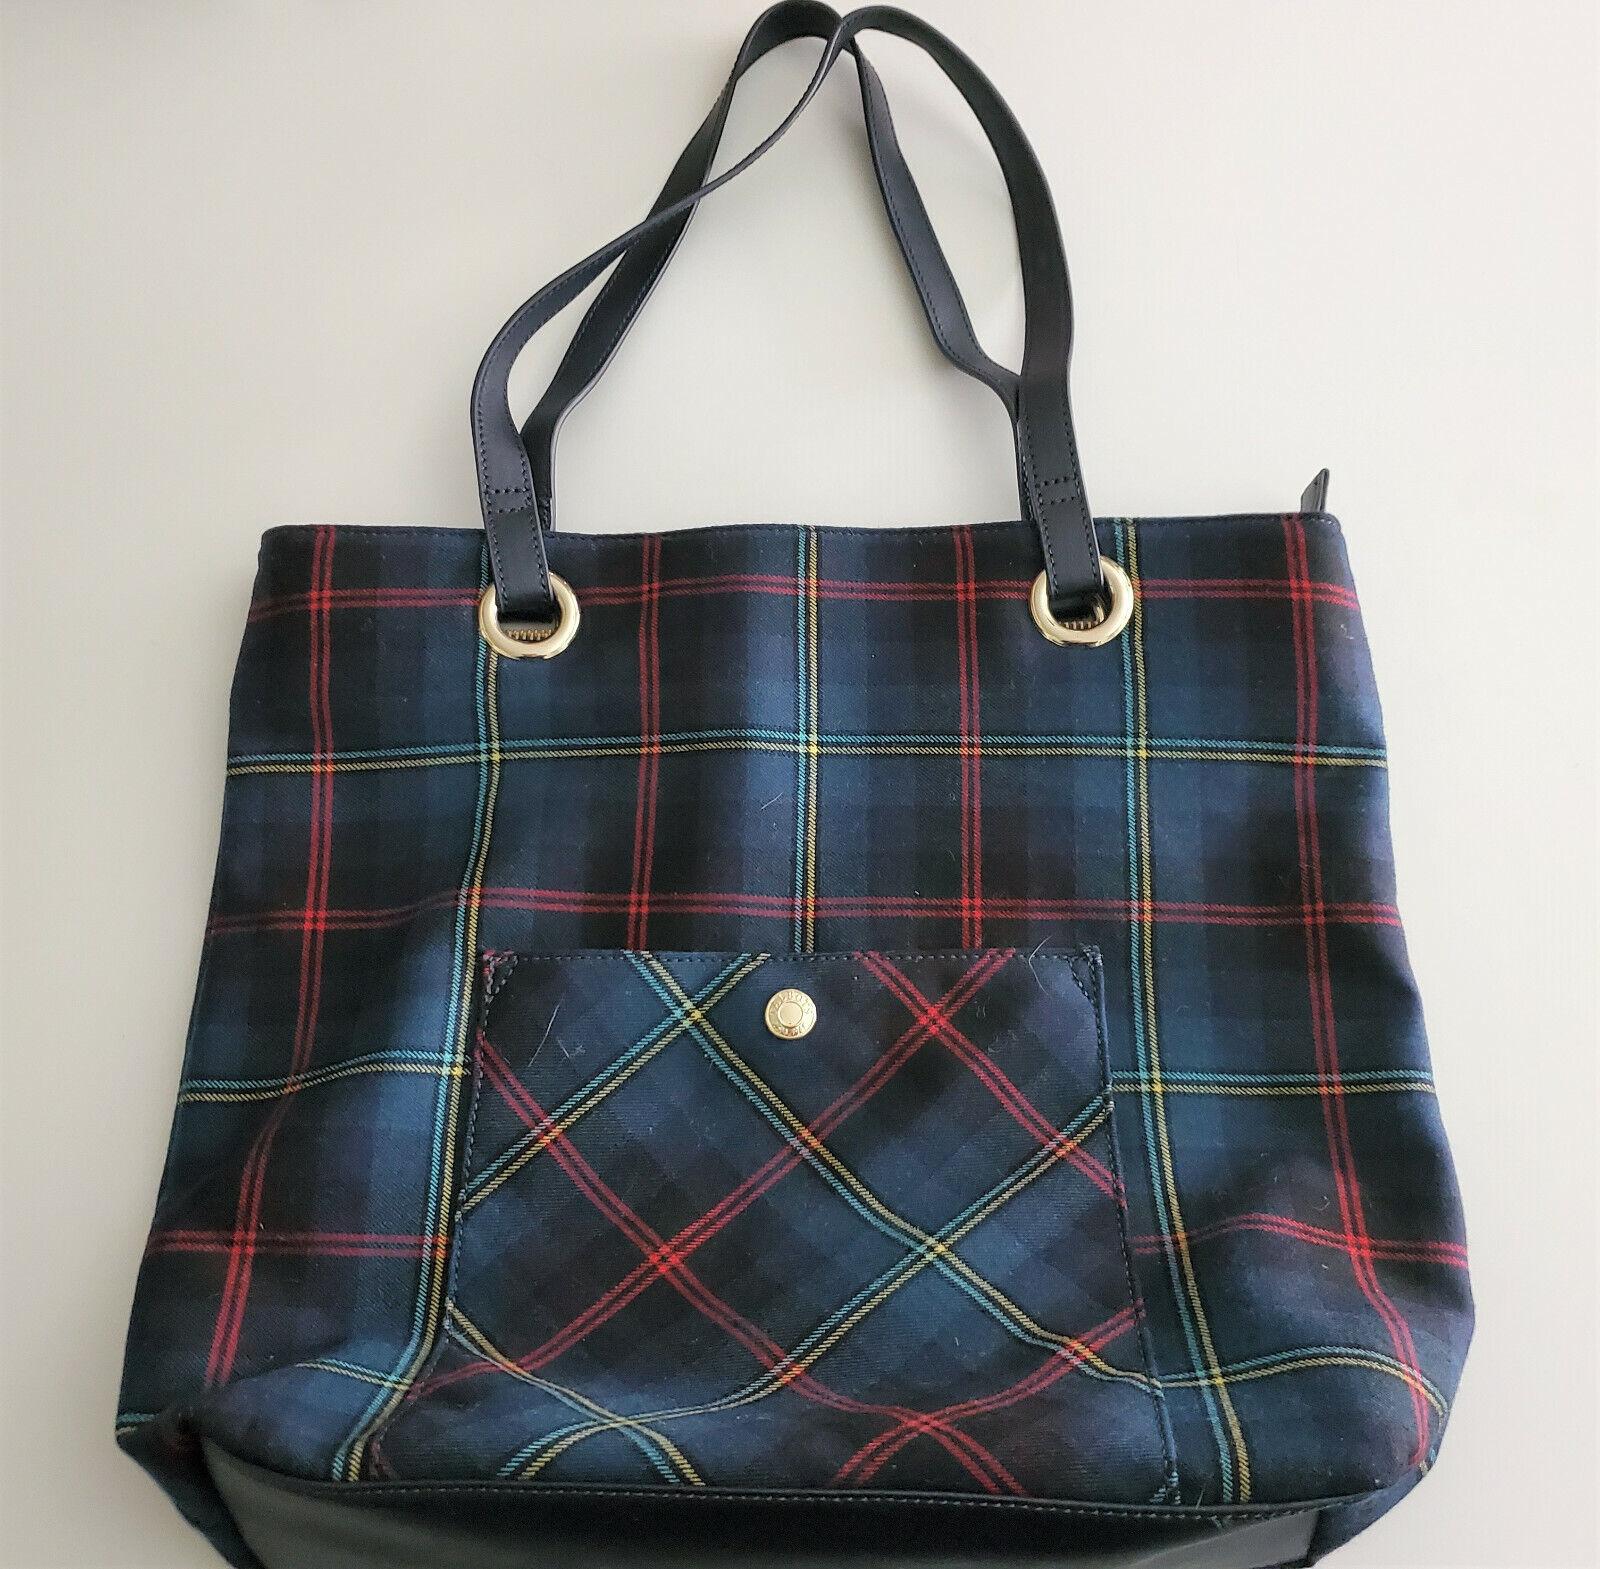 TALBOT'S Tweed Tartan Plaid Wool Zip Pocket Tote Carryall Bag Lthr Trim FS